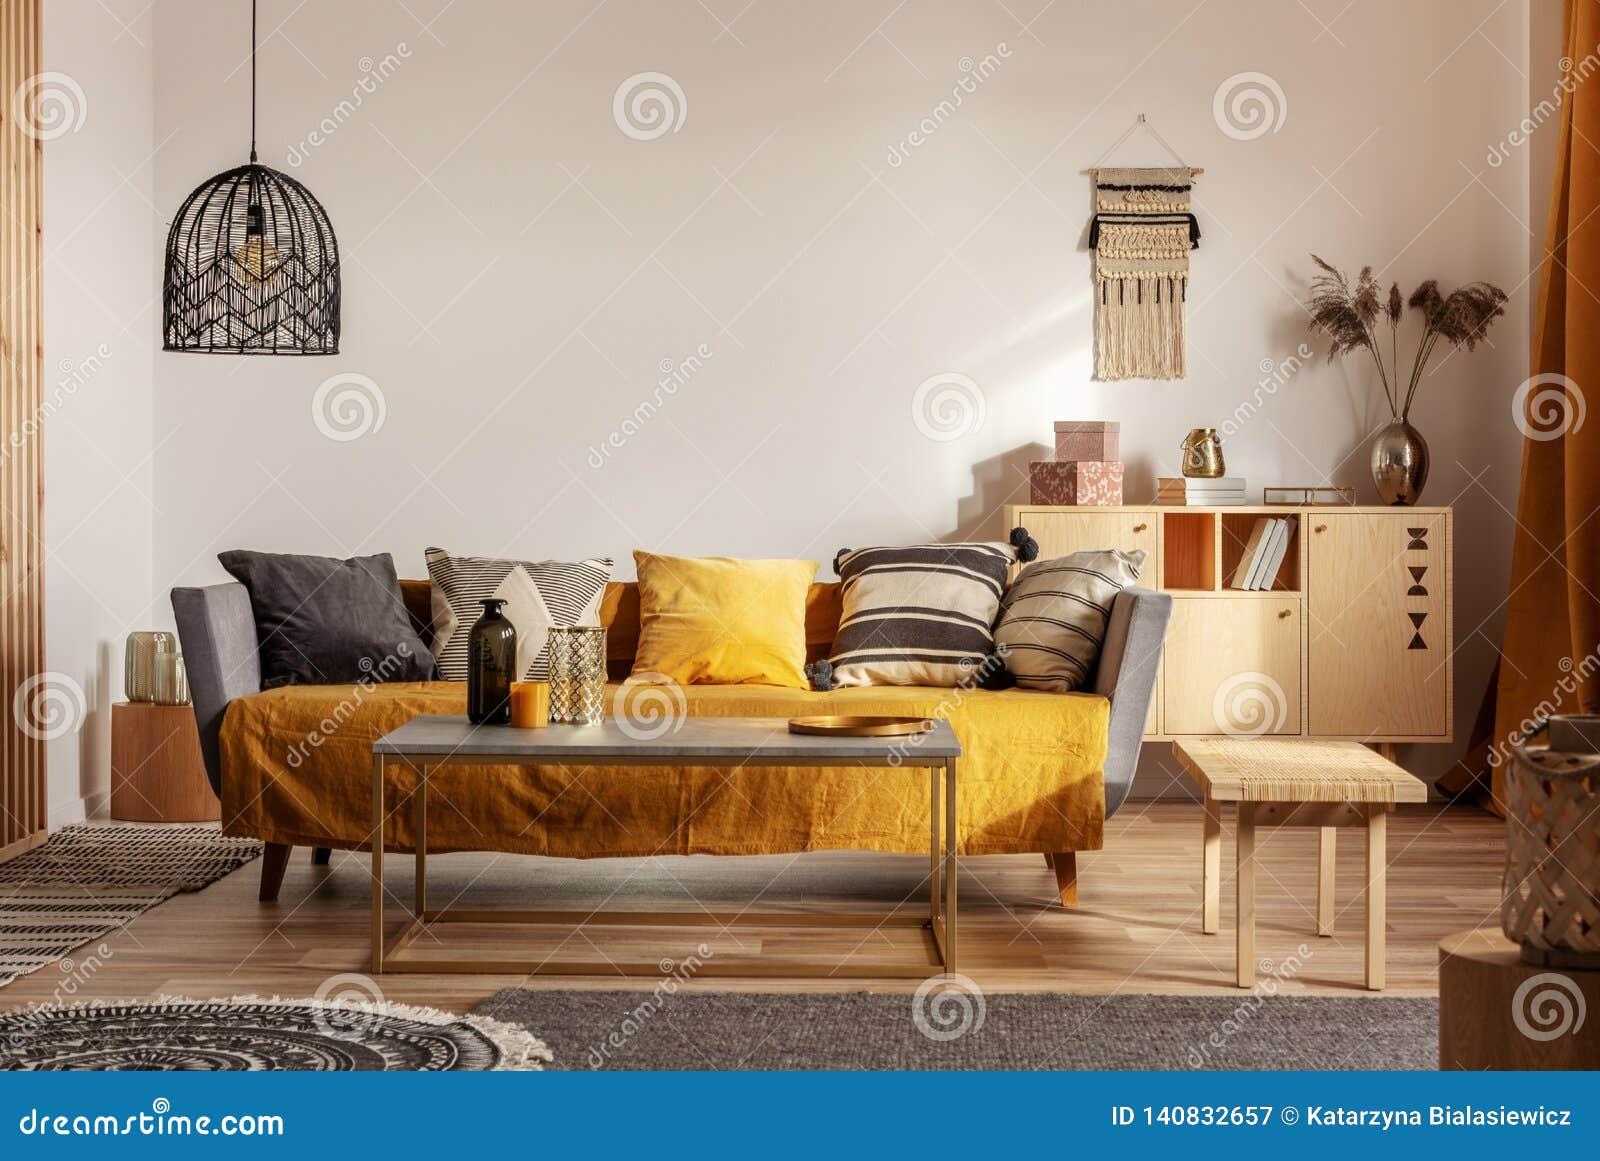 Модный интерьер живущей комнаты с желтым и серым дизайном и длинным журнальным столом в середине